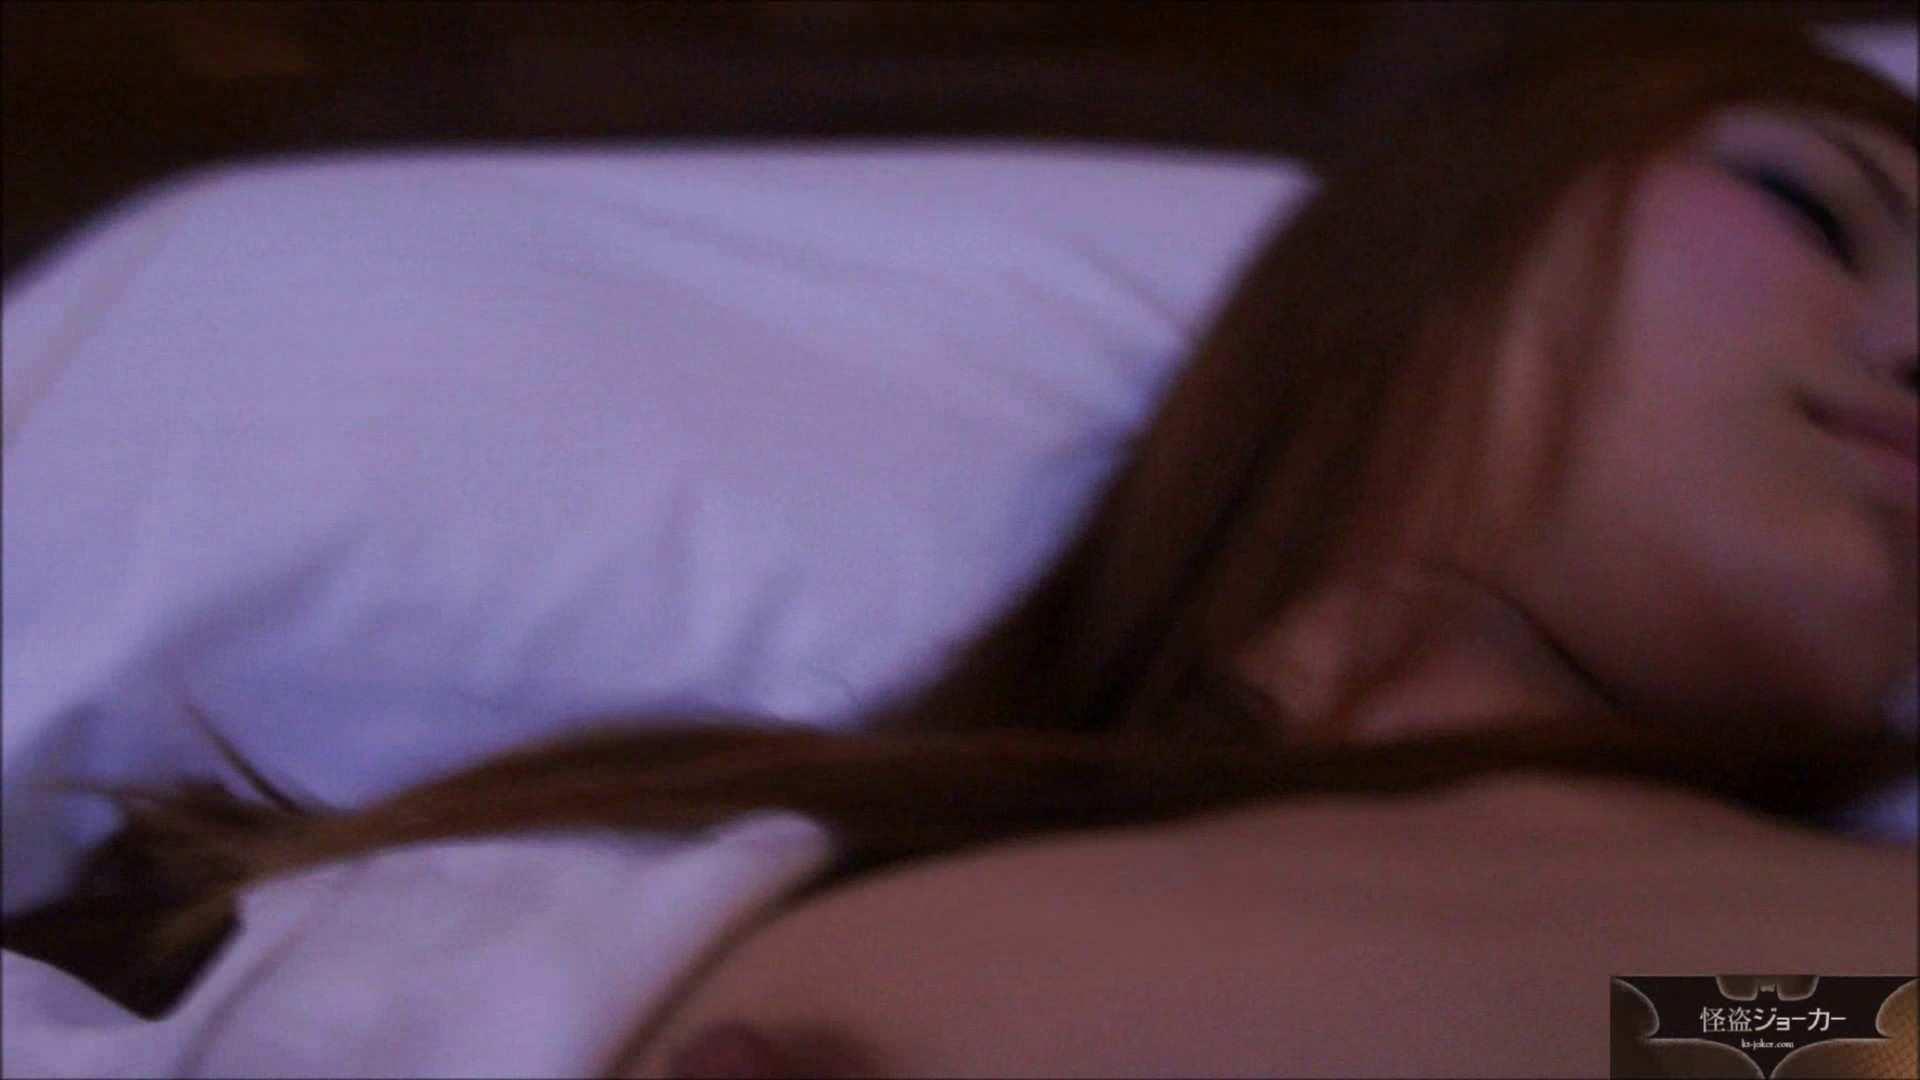 【未公開】vol.13 セレブ美魔女・ユキさんと初めて会った日。 OL  99pic 61